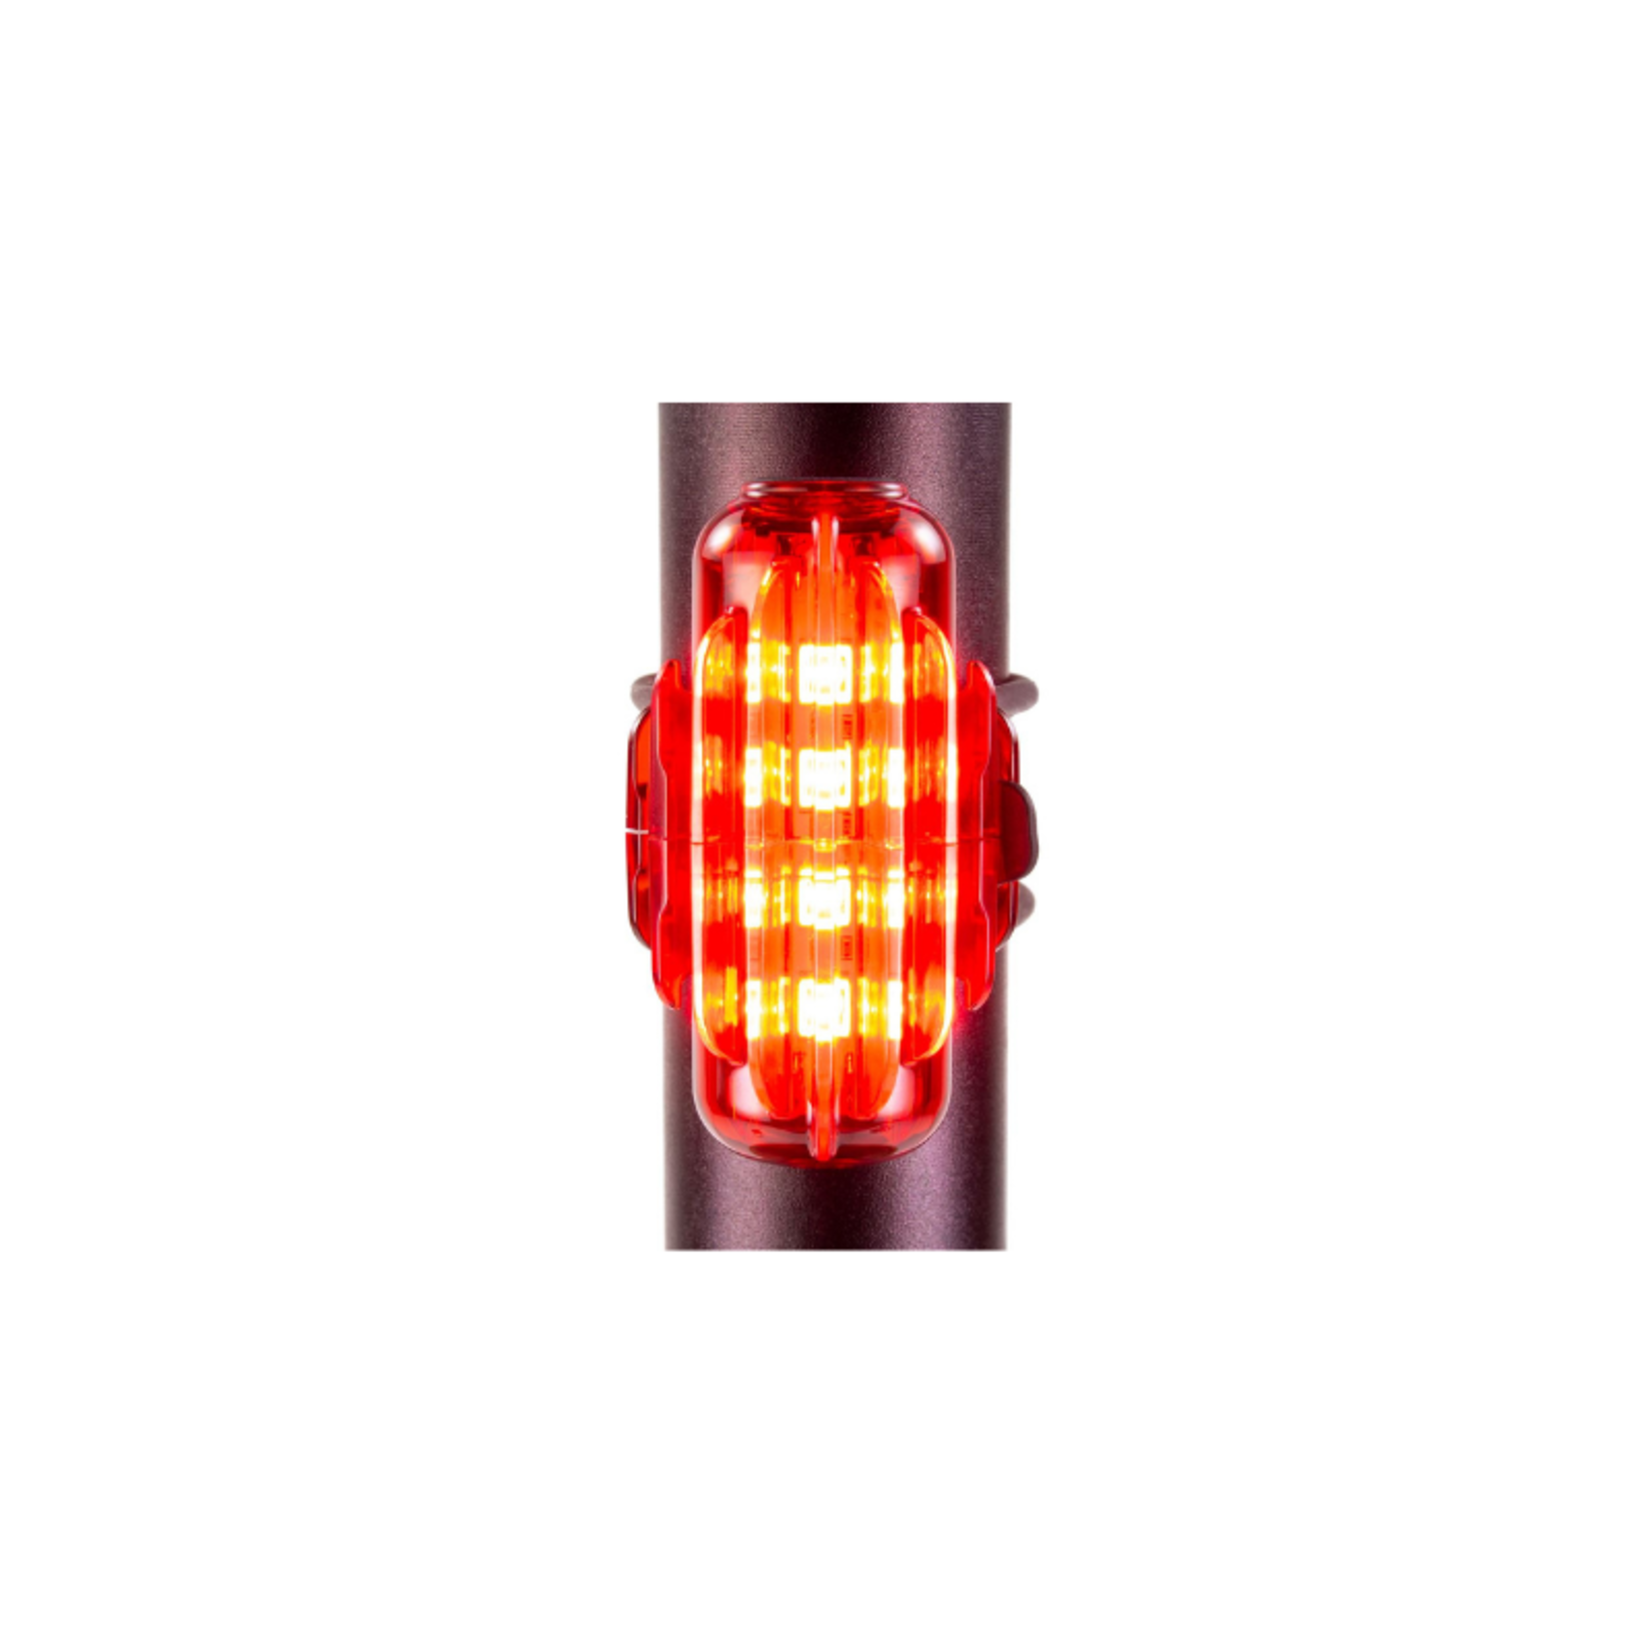 Serfas Rear Light Cosmos 2 30 USB